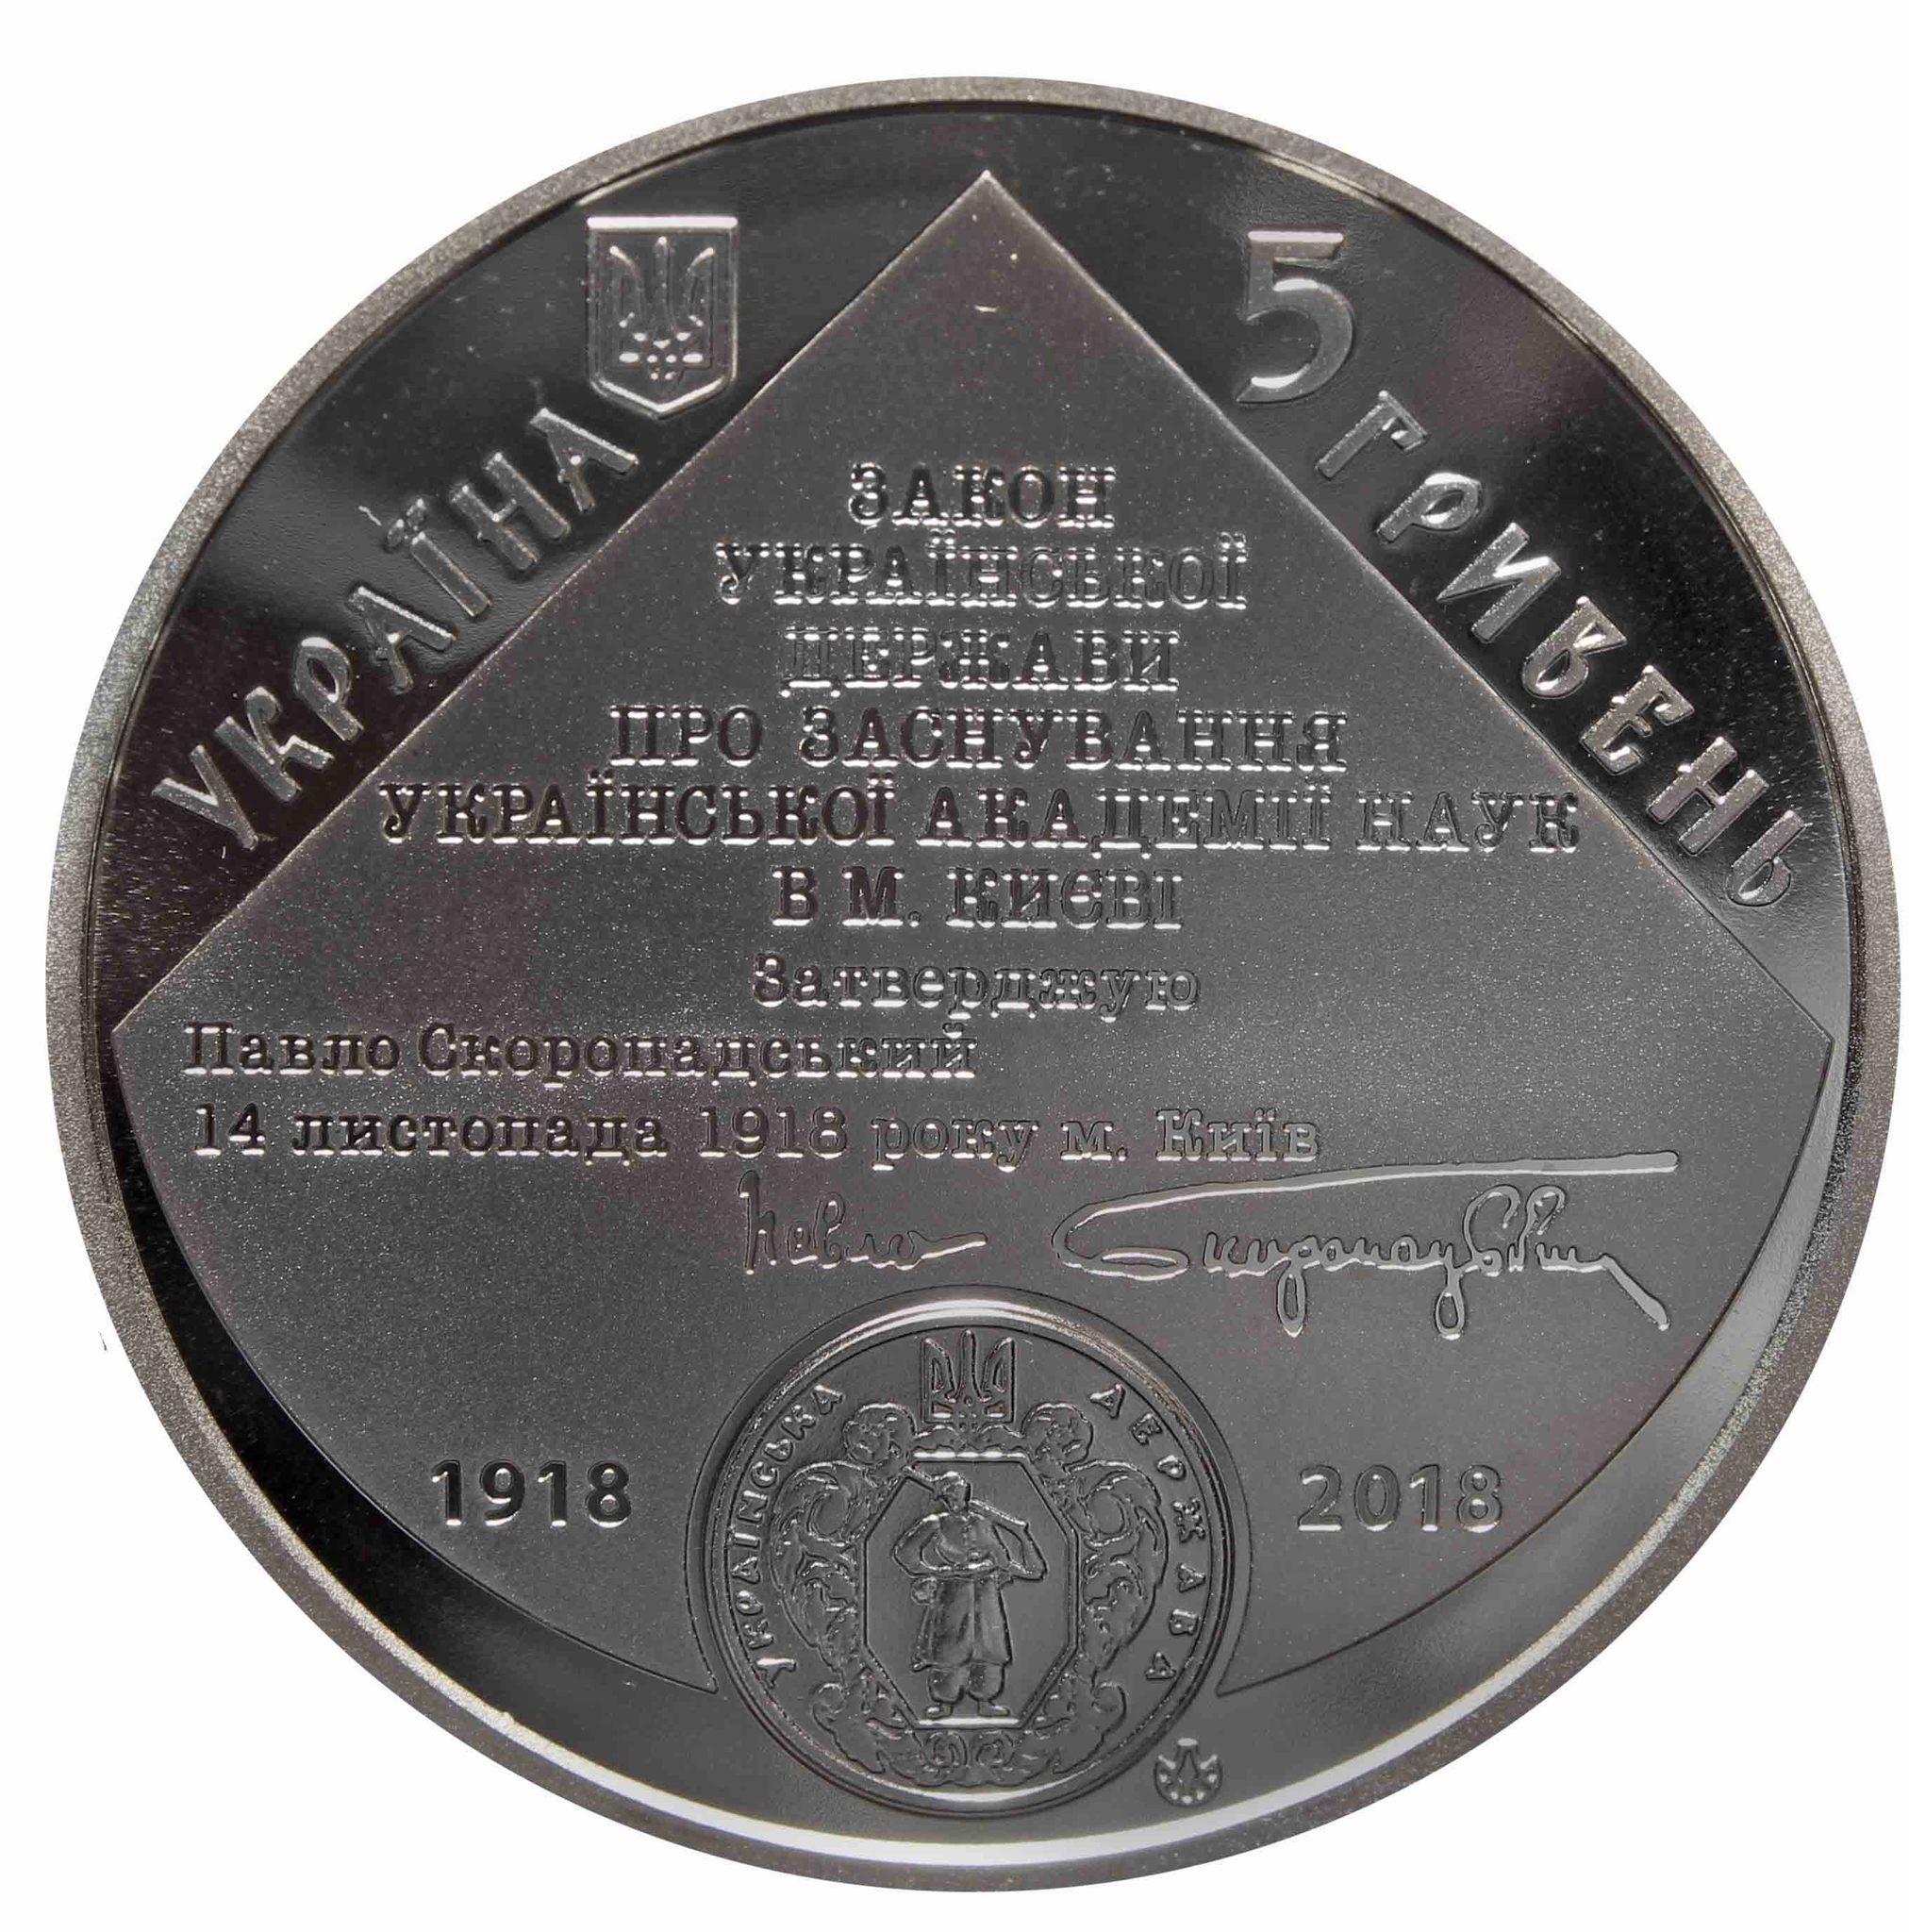 5 гривен. 100-лет Национальной академии наук Украины. 2018 год